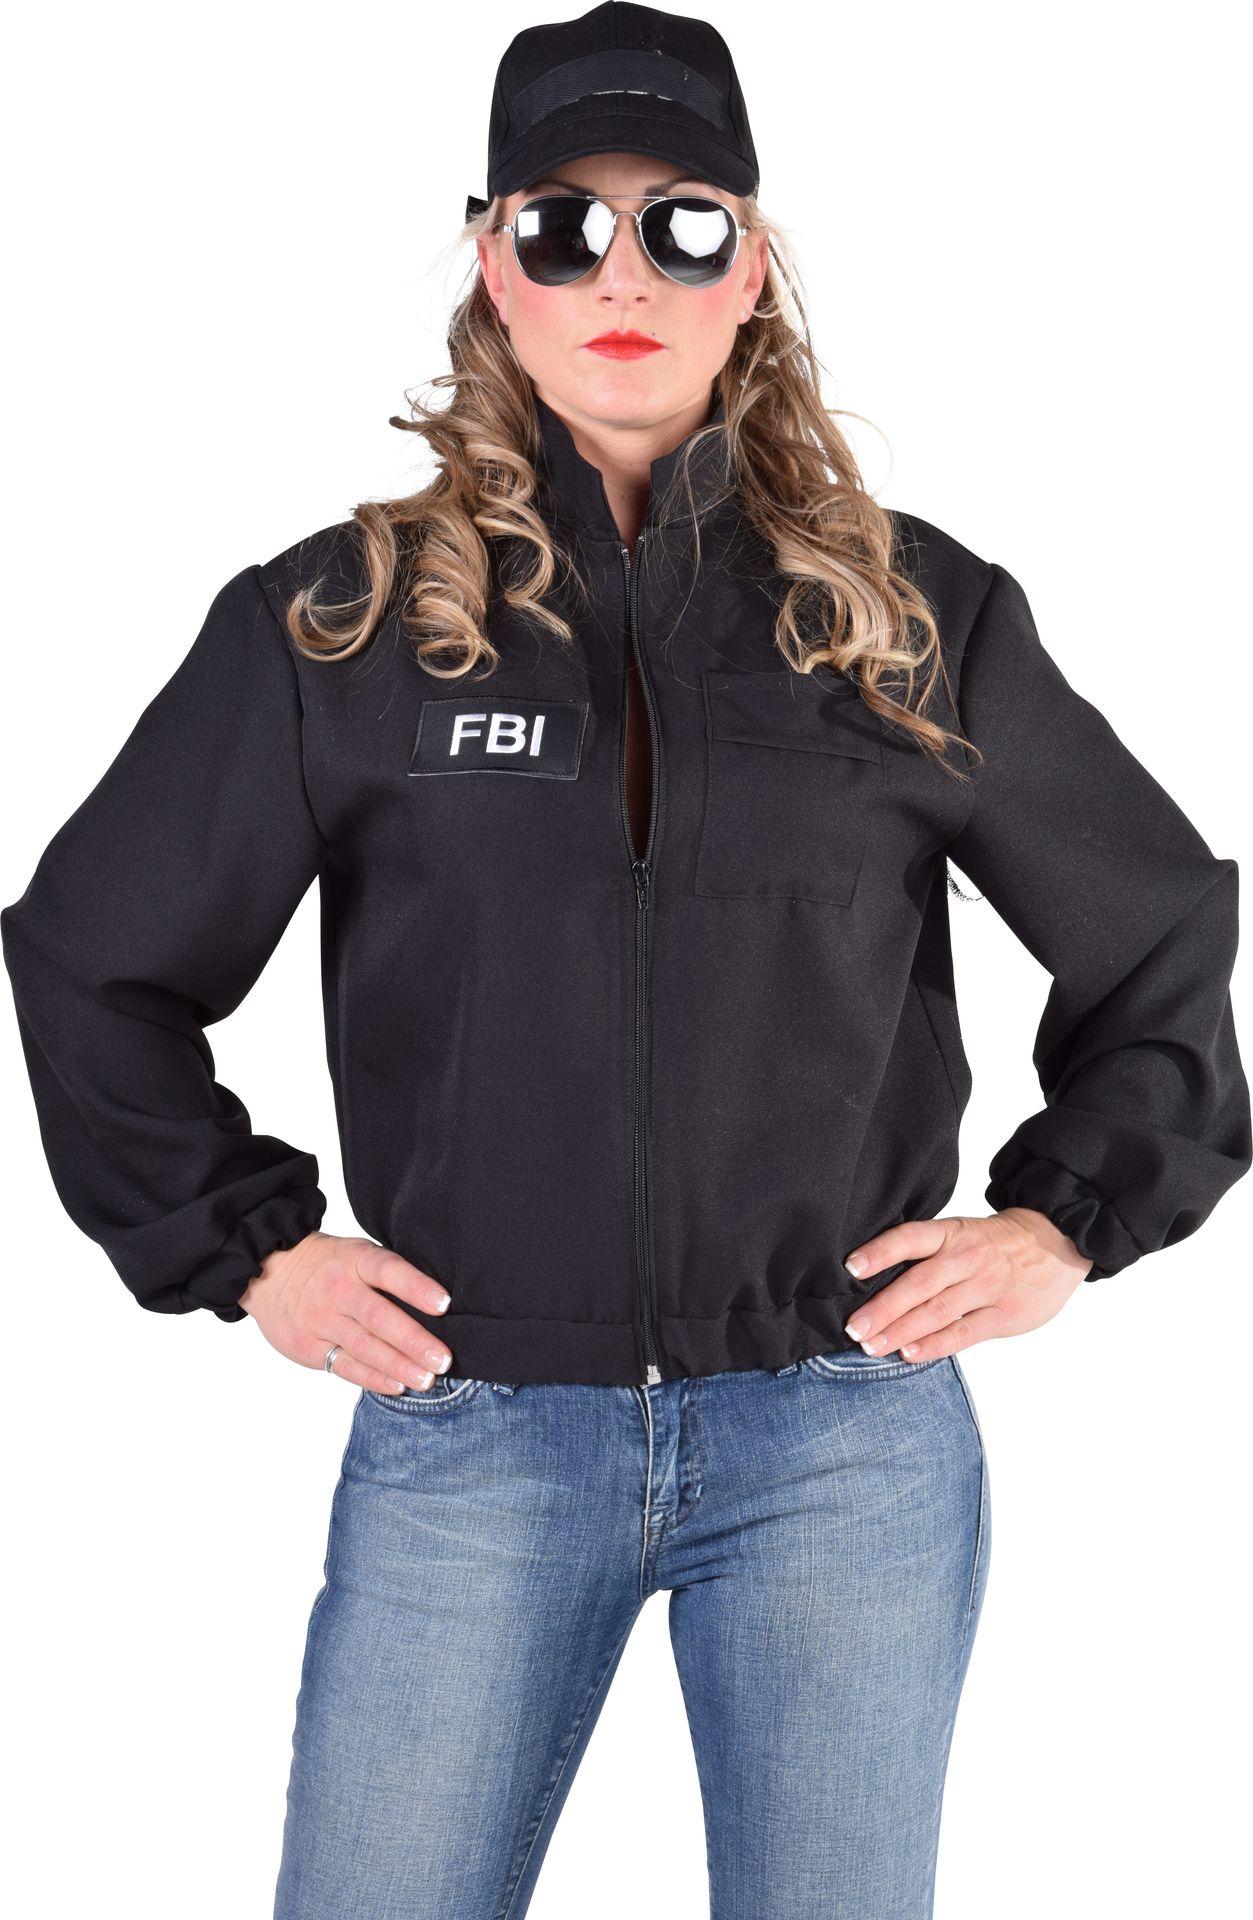 Zwart FBI jasje vrouwen